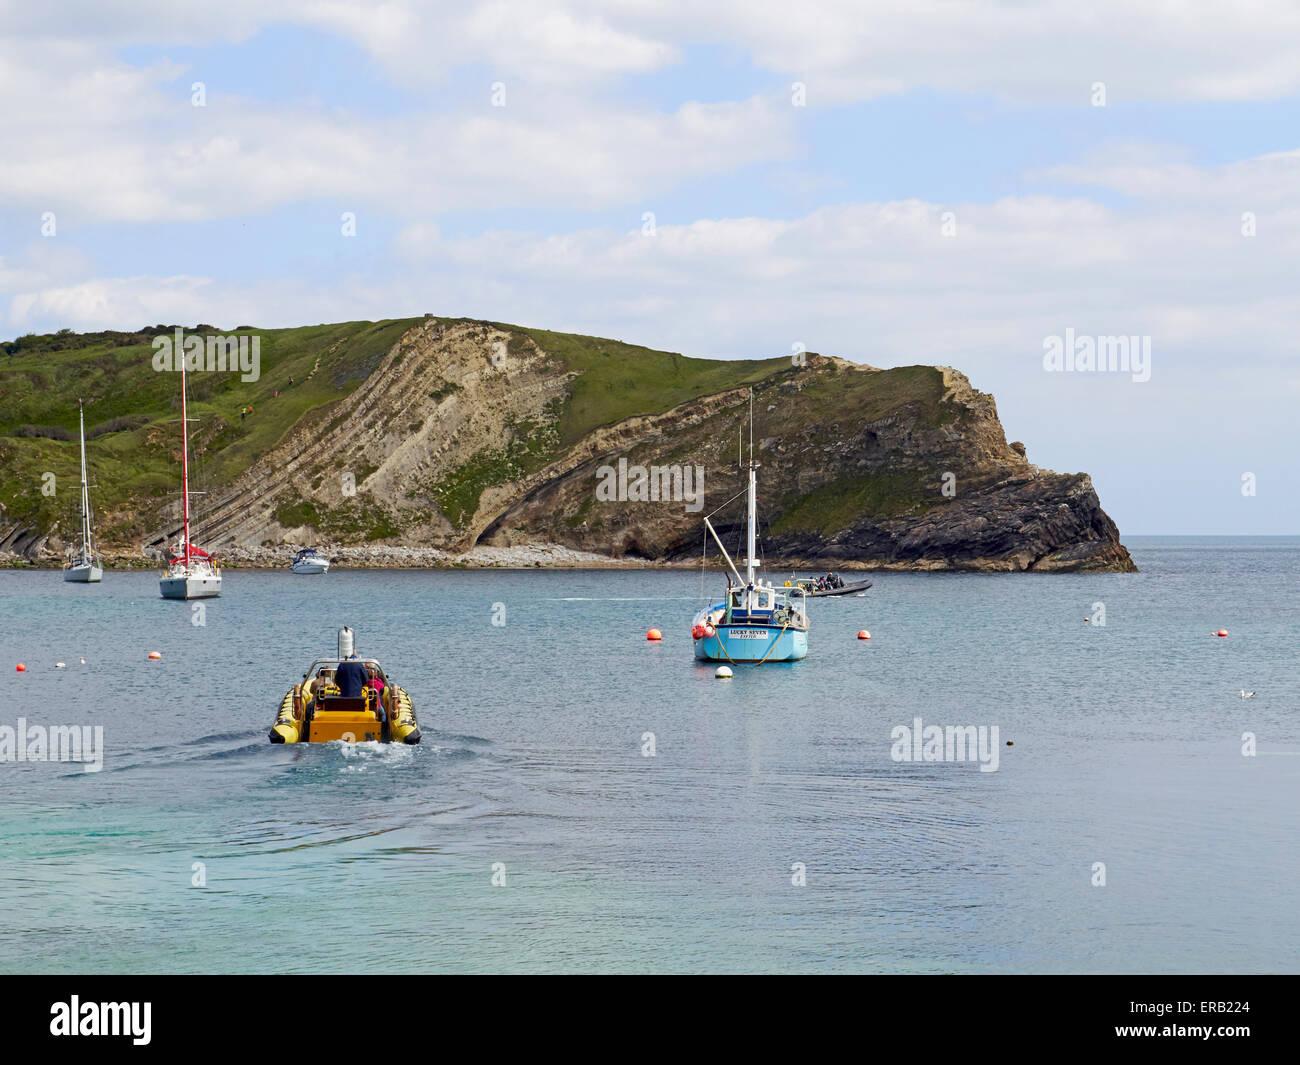 Une côte chargé avec les touristes de Lulworth Cove laisse pour le court voyage à Durdle Dor et retour. Photo Stock